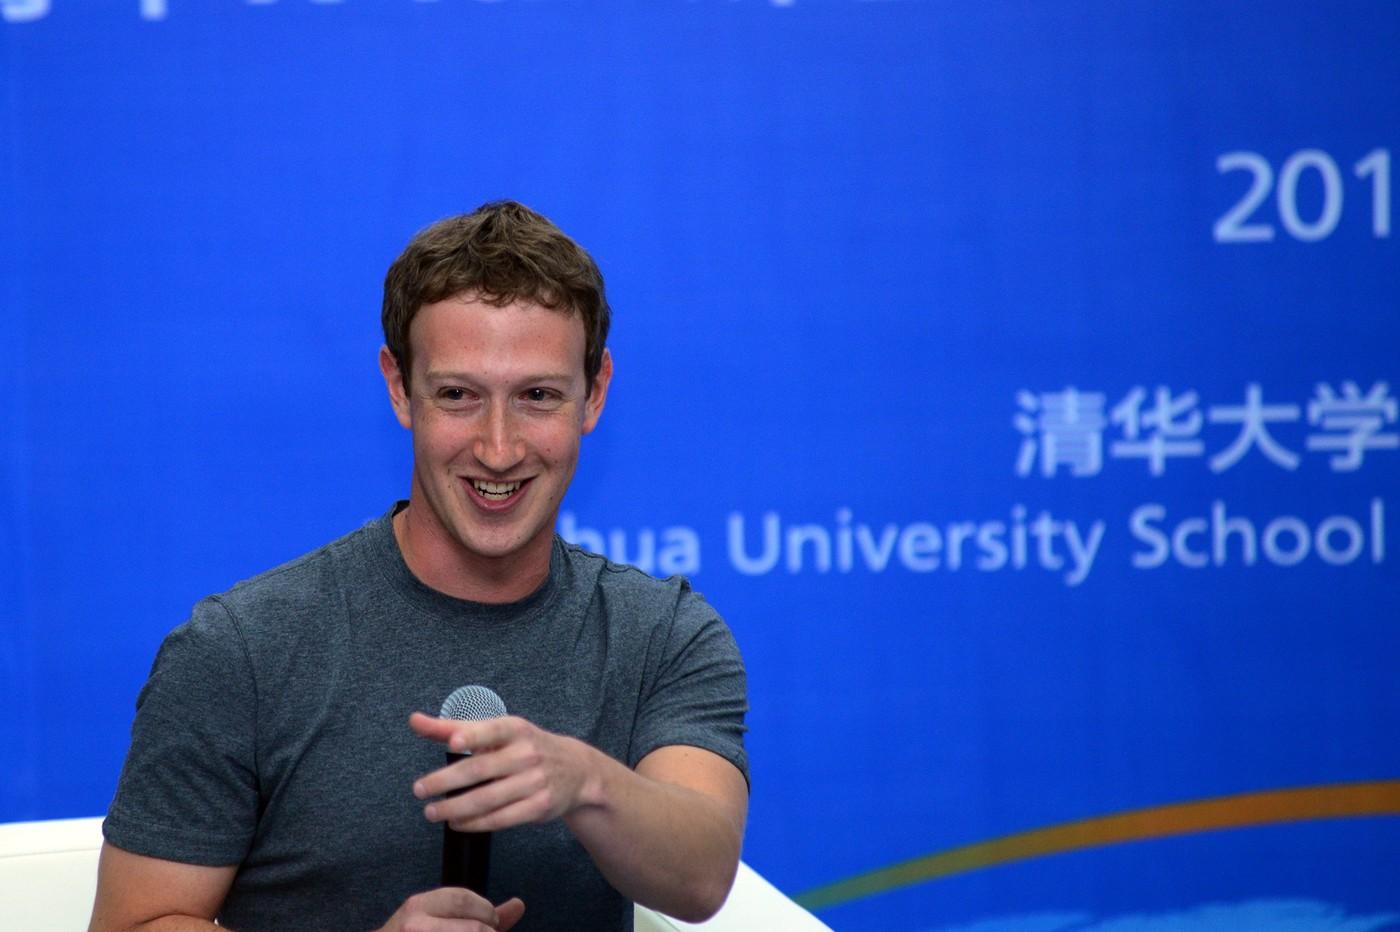 Poraďte mi předsevzetí, požádal uživatele zakladatel Facebooku